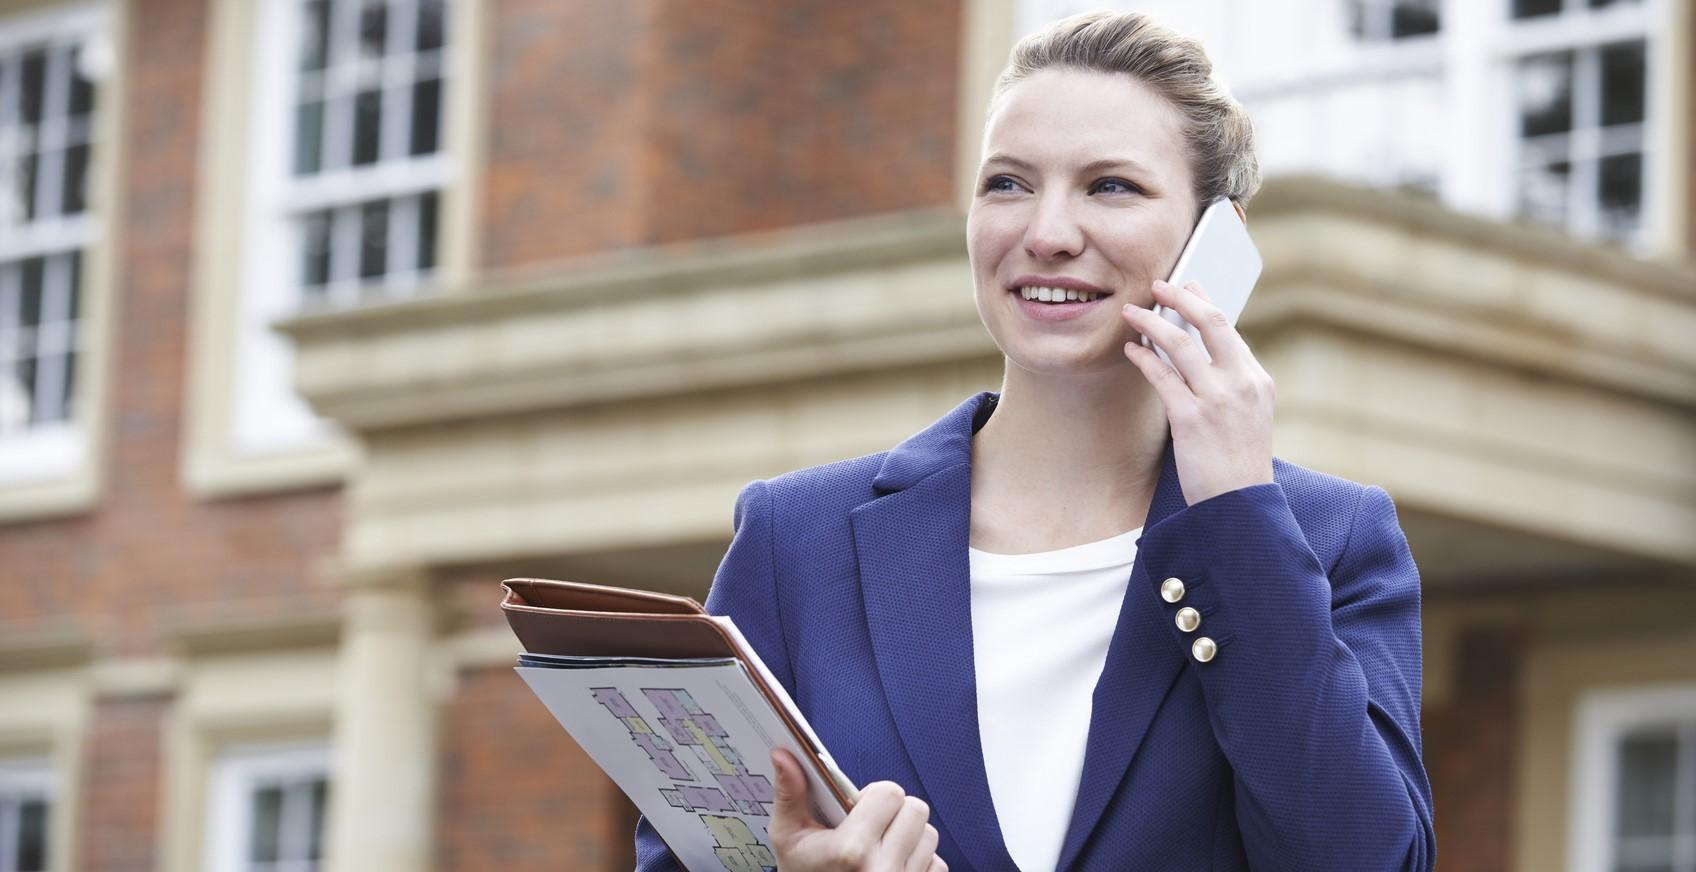 Eine junge Immobilienmaklerin steht vor einem Haus und telefoniert.